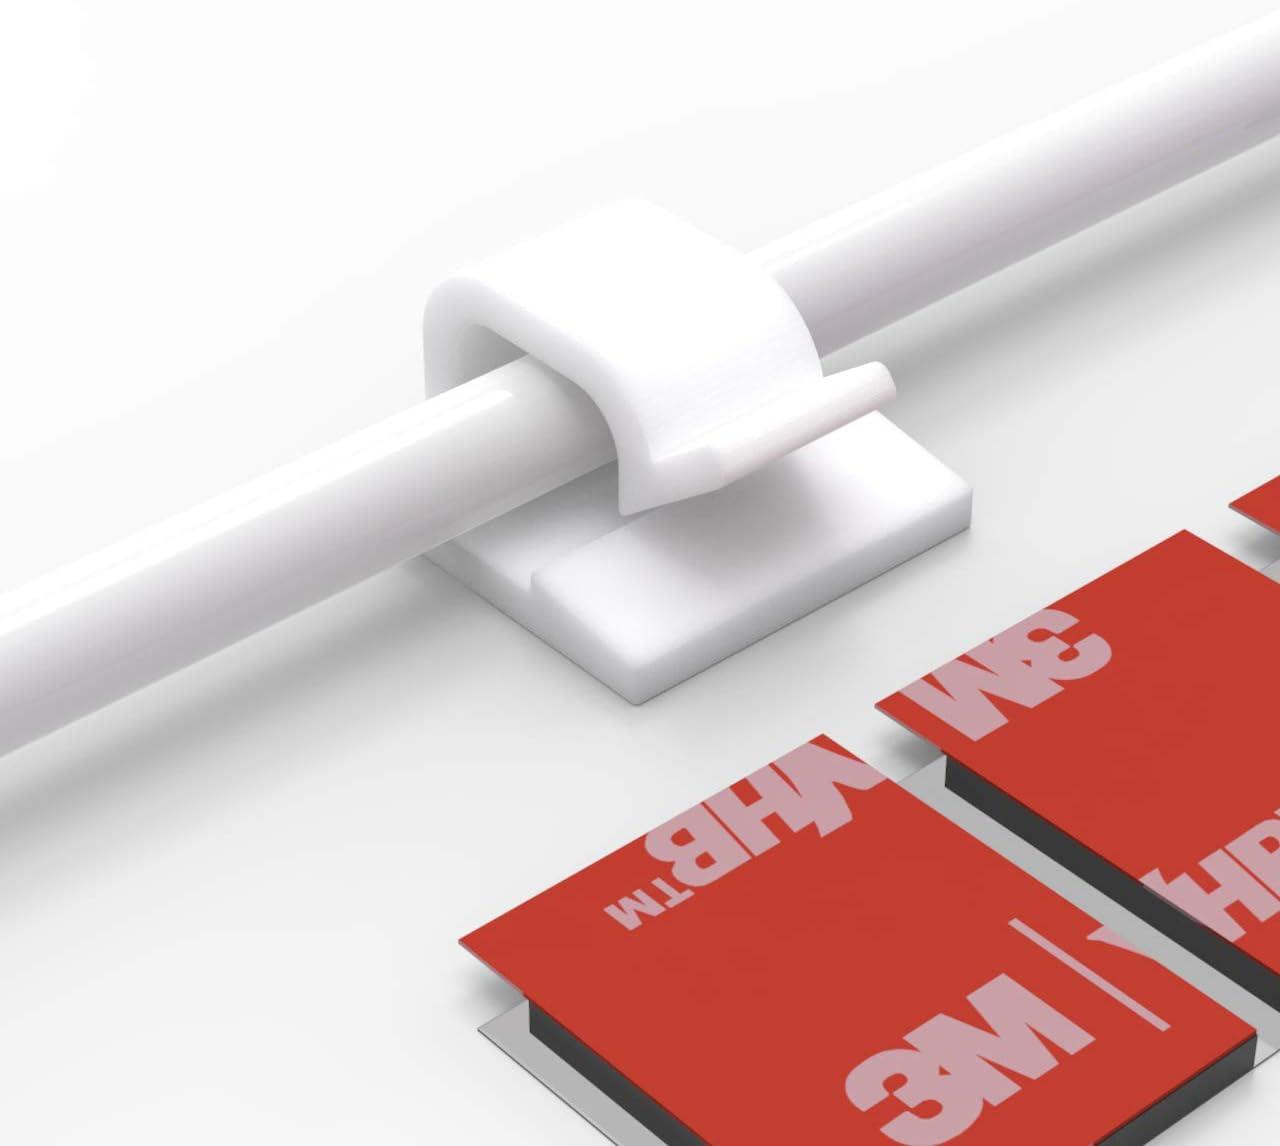 clips de alambre adhesivos escritorio y oficina port/átil PC Ethernet 100 clips autoadhesivos para la gesti/ón de cables organizadores de cables SOULWIT soporte para cable de TV